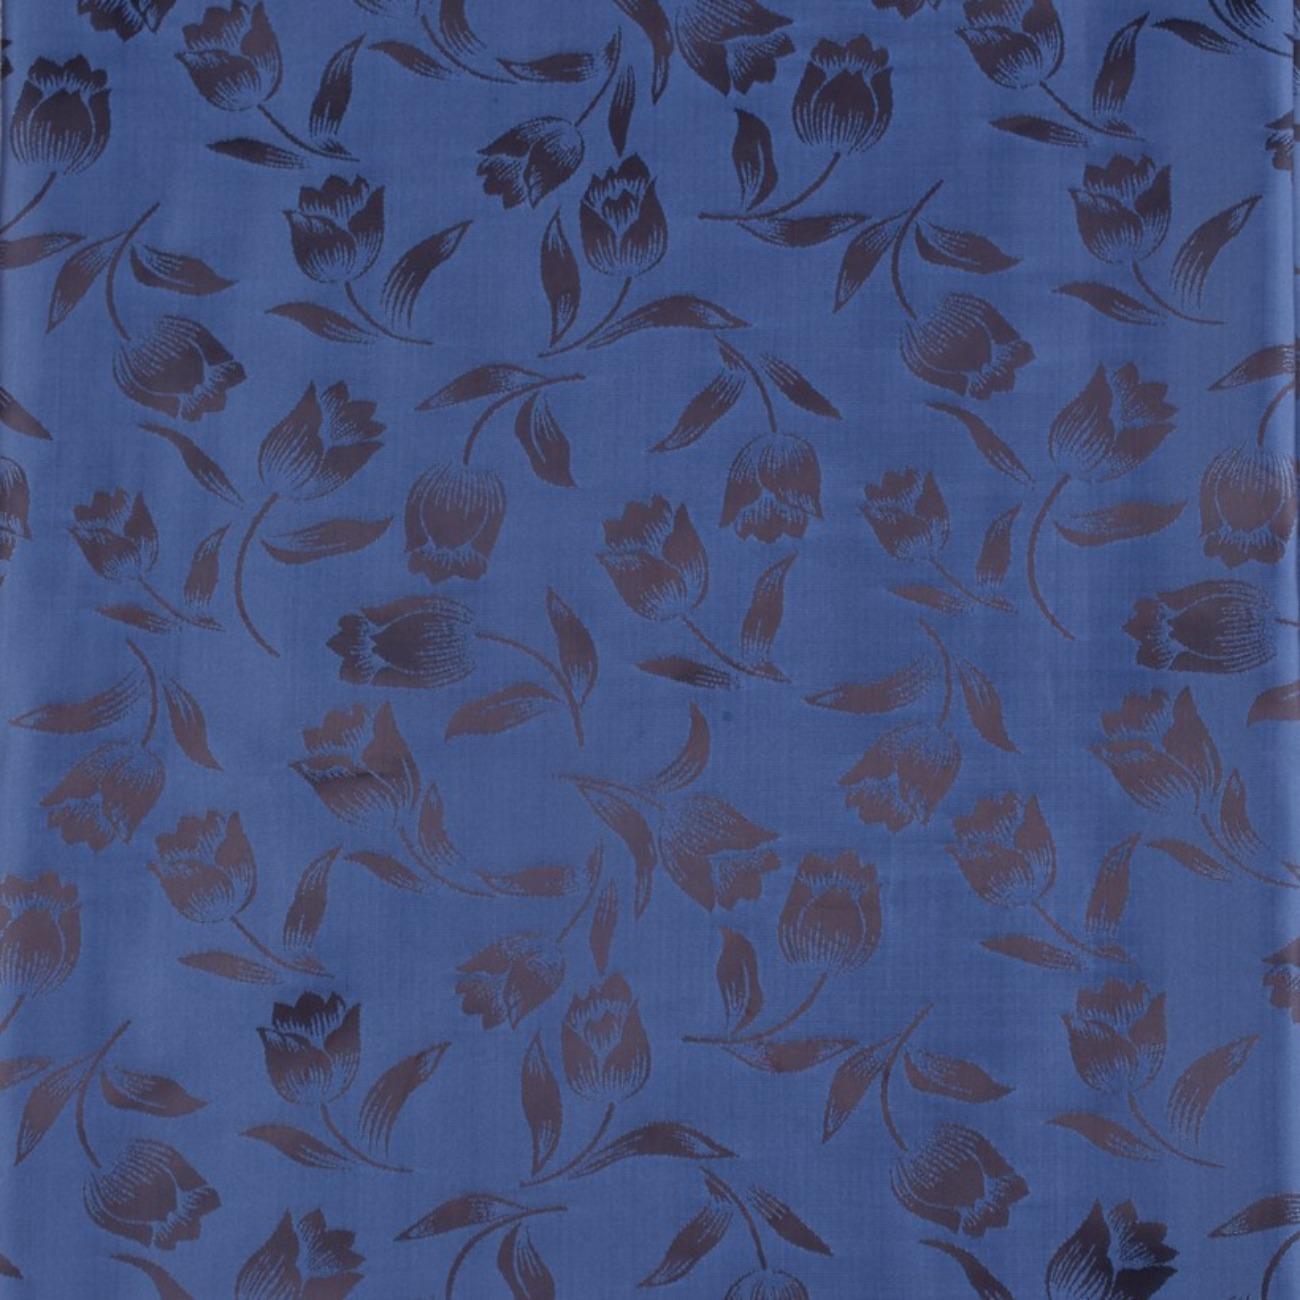 里布花朵 梭织棉感偏薄无弹平纹细腻柔软男装 全涤提花60421-10(里布)